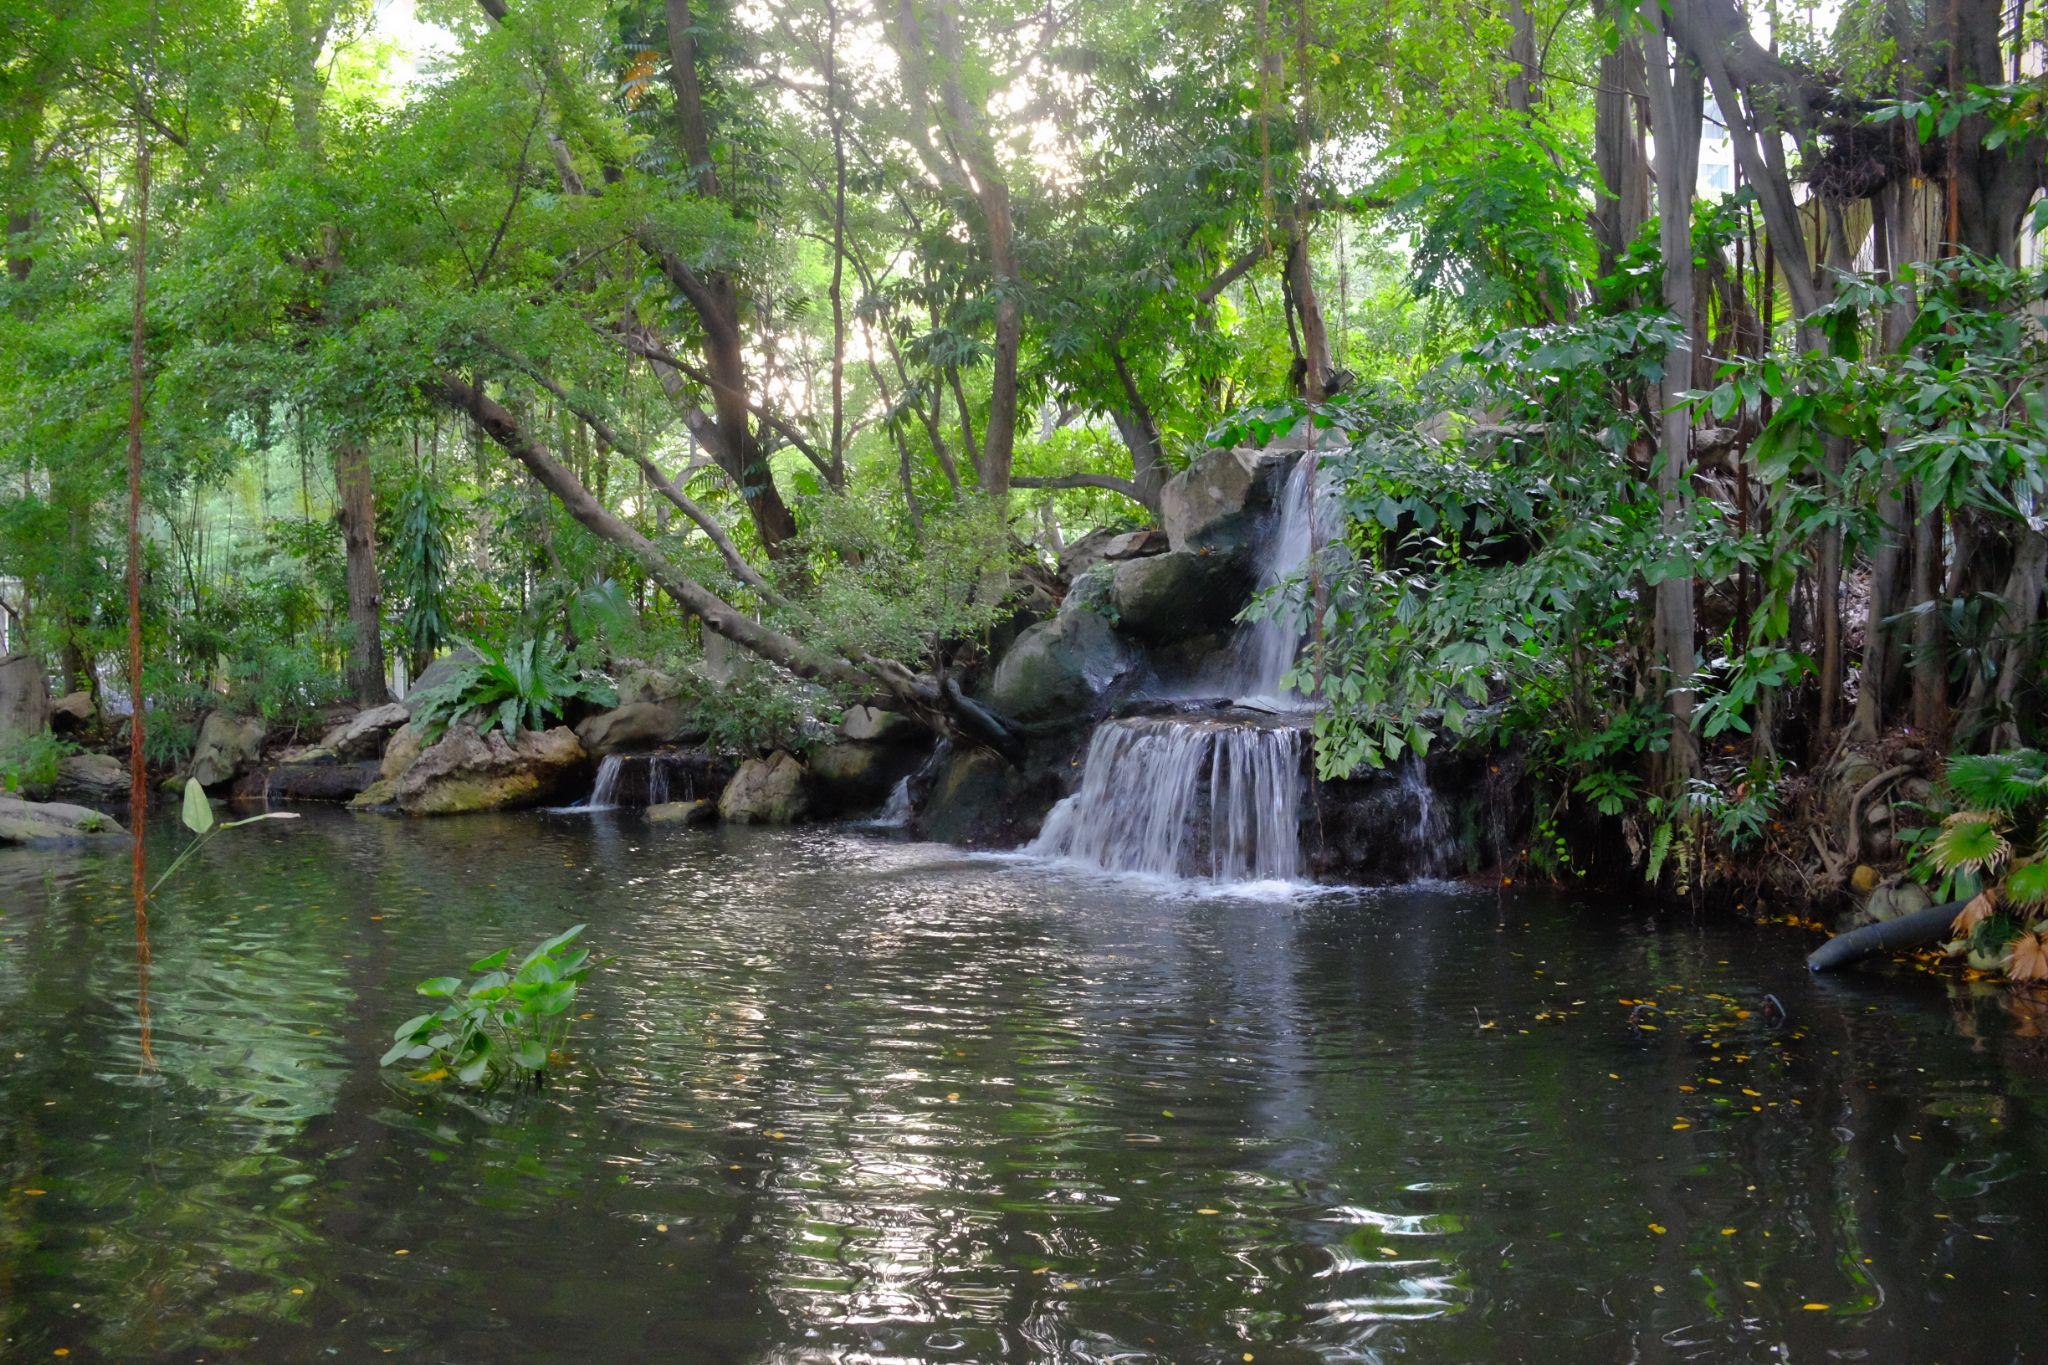 Landscaped waterfall at Swissotel Nai Lert Park, Bangkok by Victor Kam